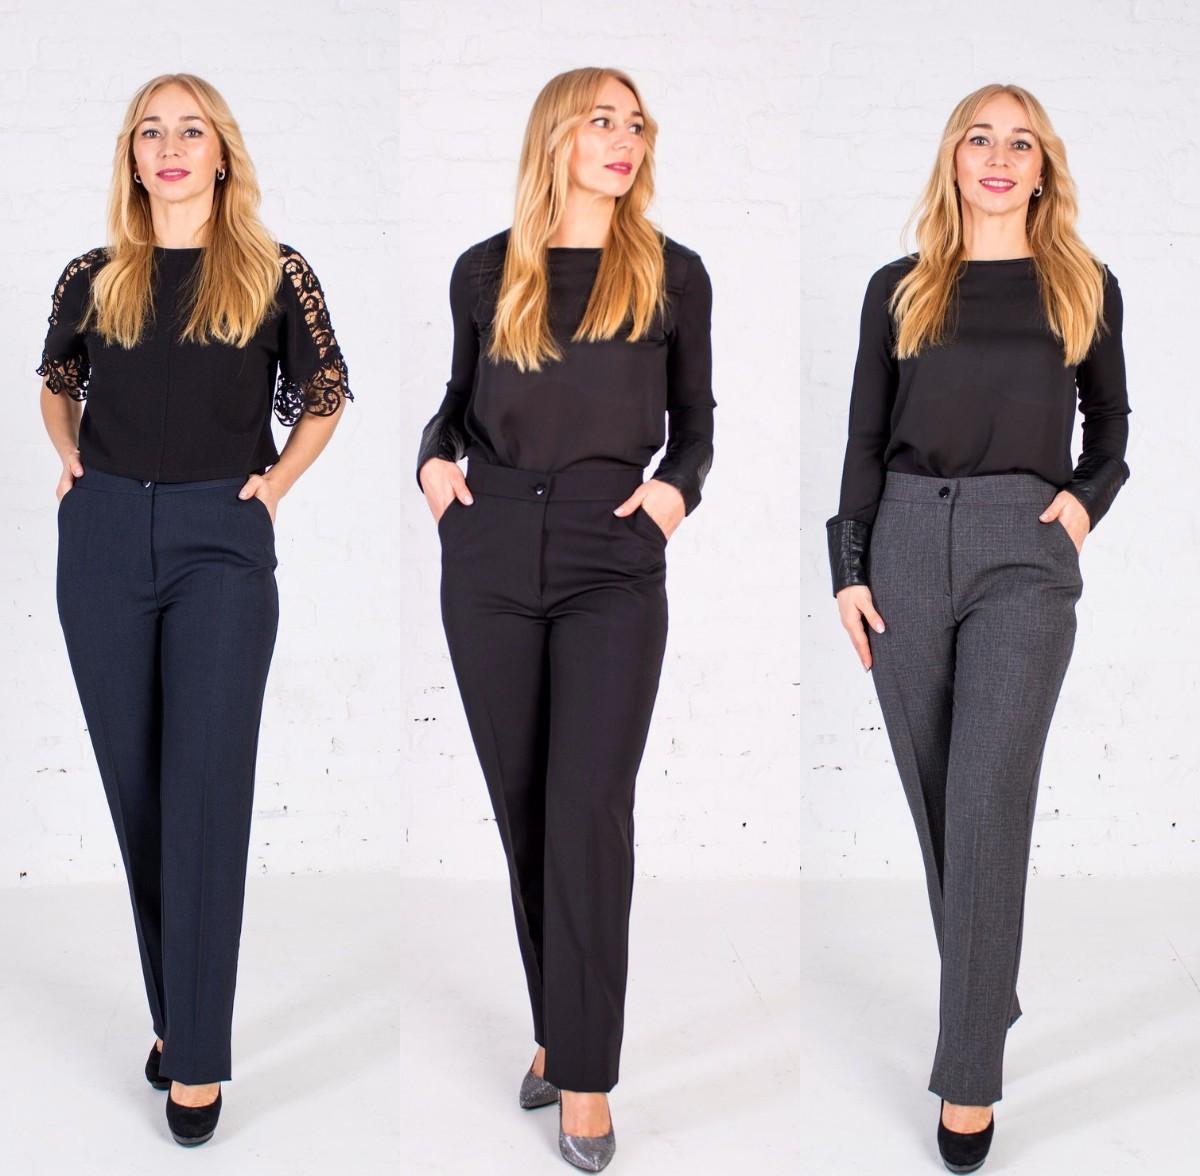 Жіночі брюки класичні пояс на резинці